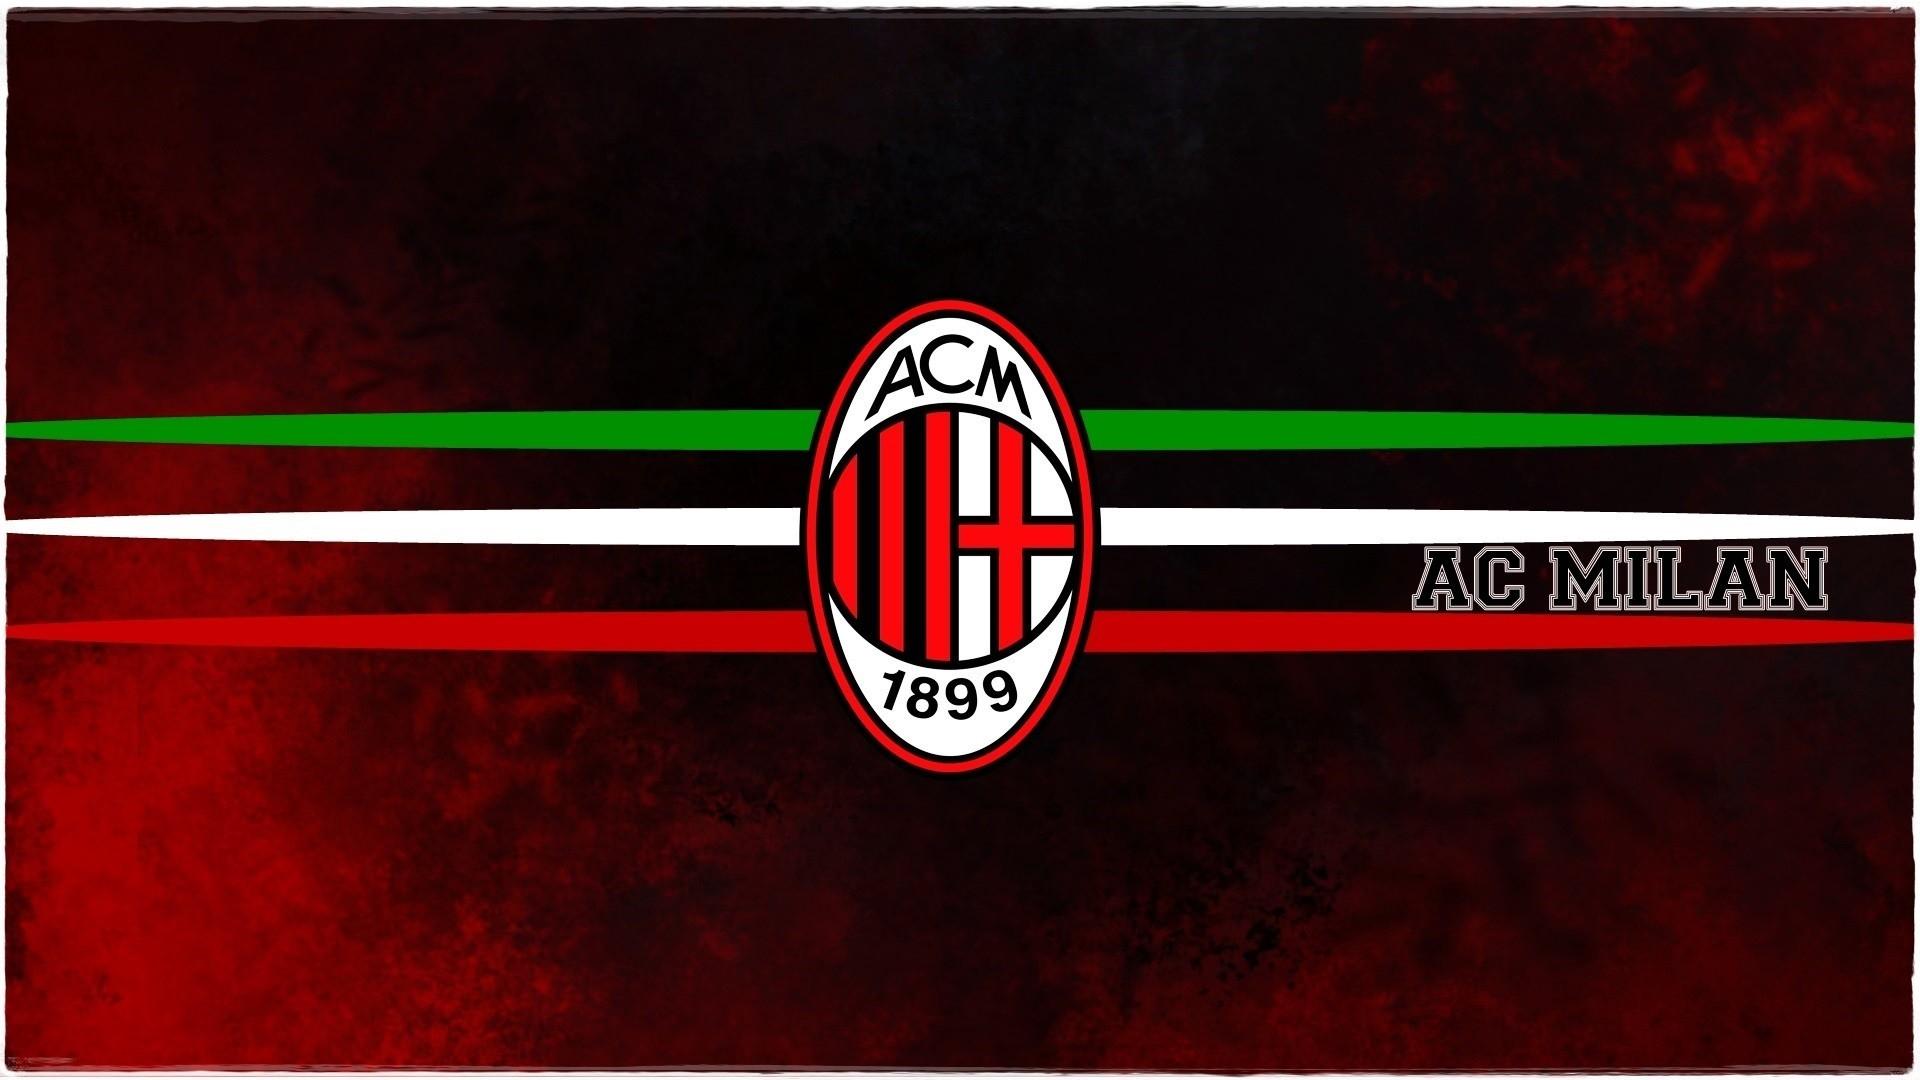 Ac Milan Desktop wallpaper